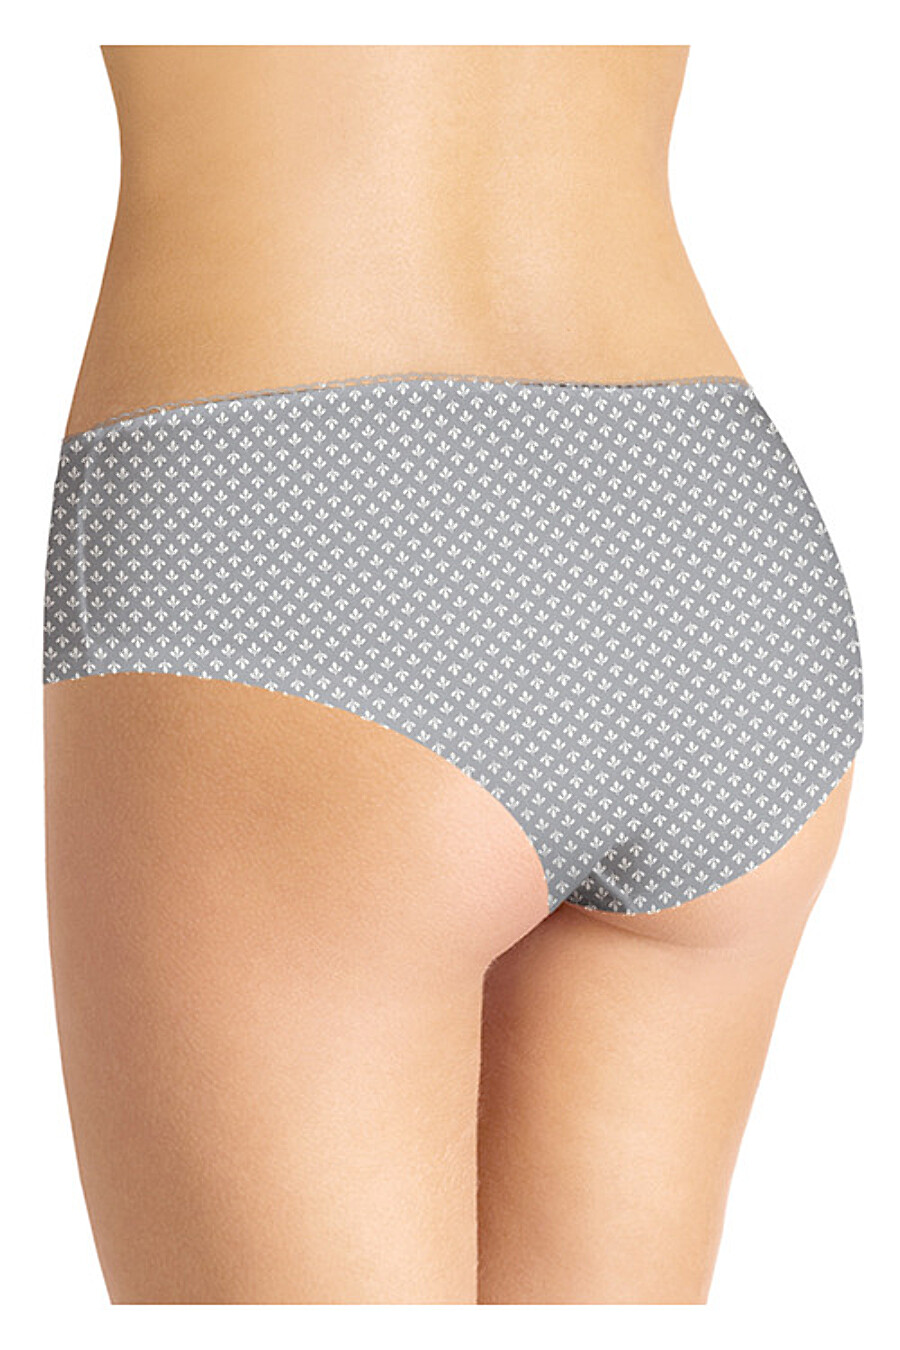 Трусы для женщин CLEVER 155081 купить оптом от производителя. Совместная покупка женской одежды в OptMoyo